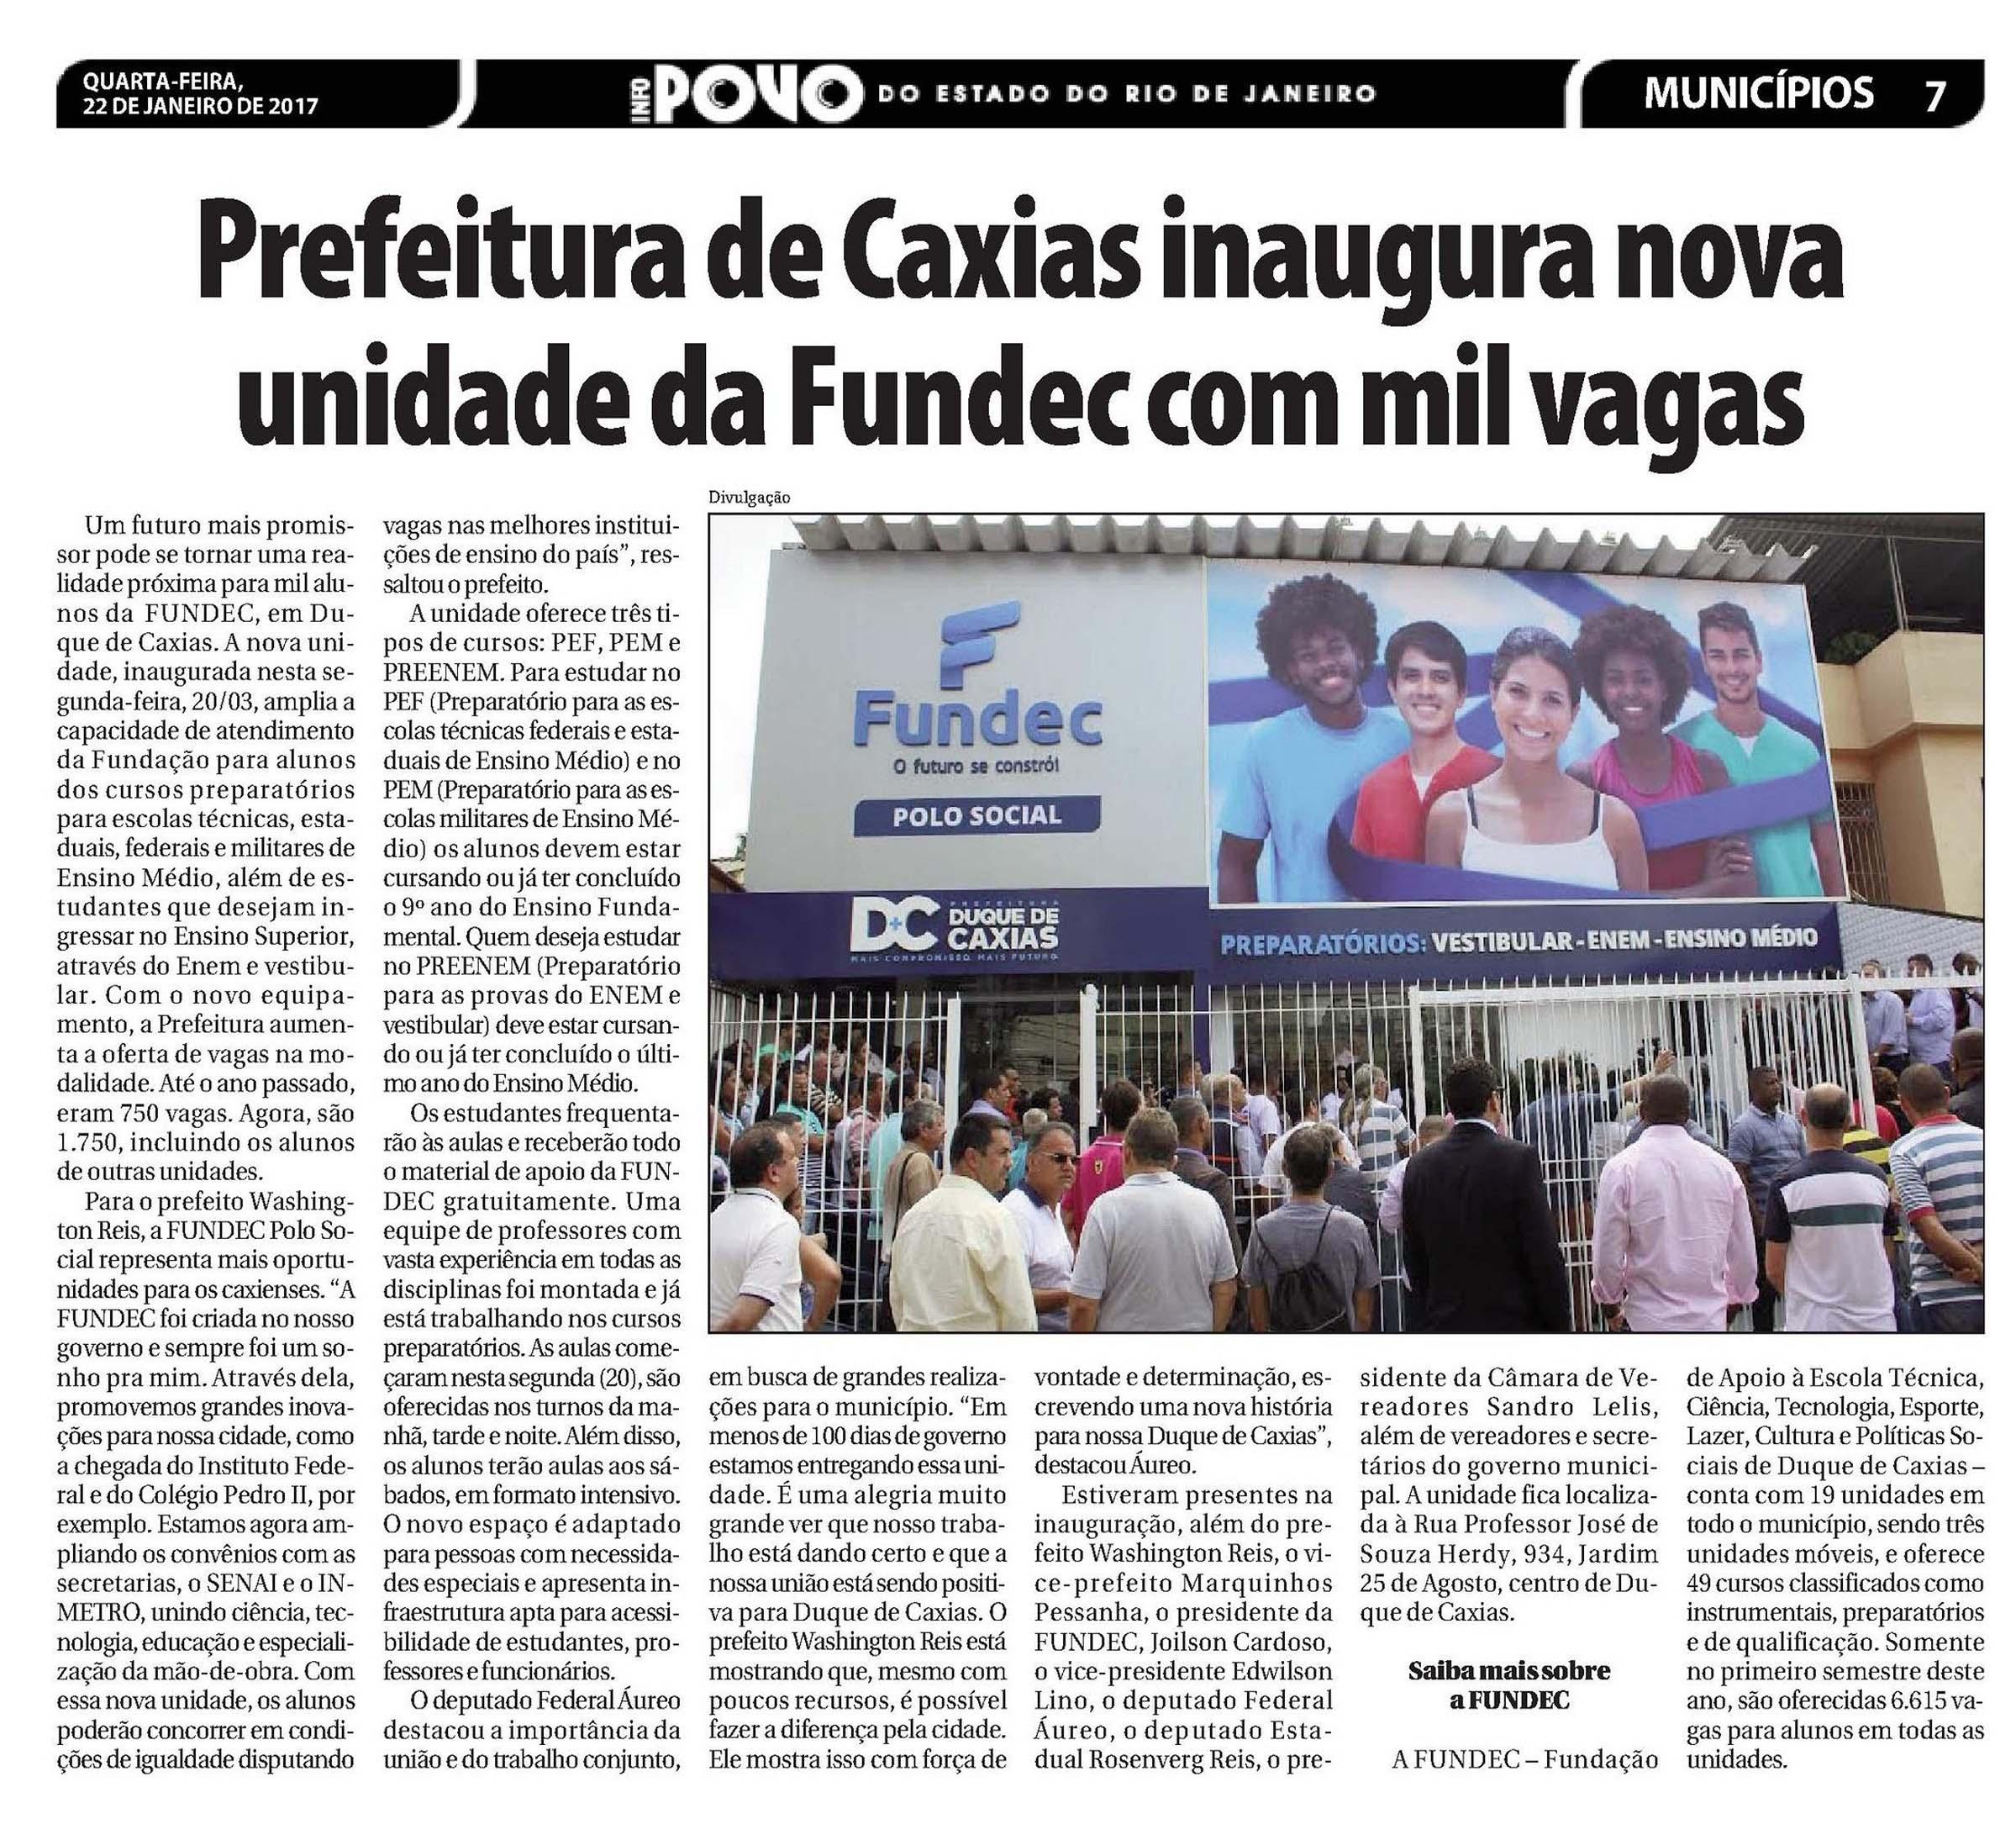 Aureo participa da inauguração da FUNDEC, em Duque de Caxias